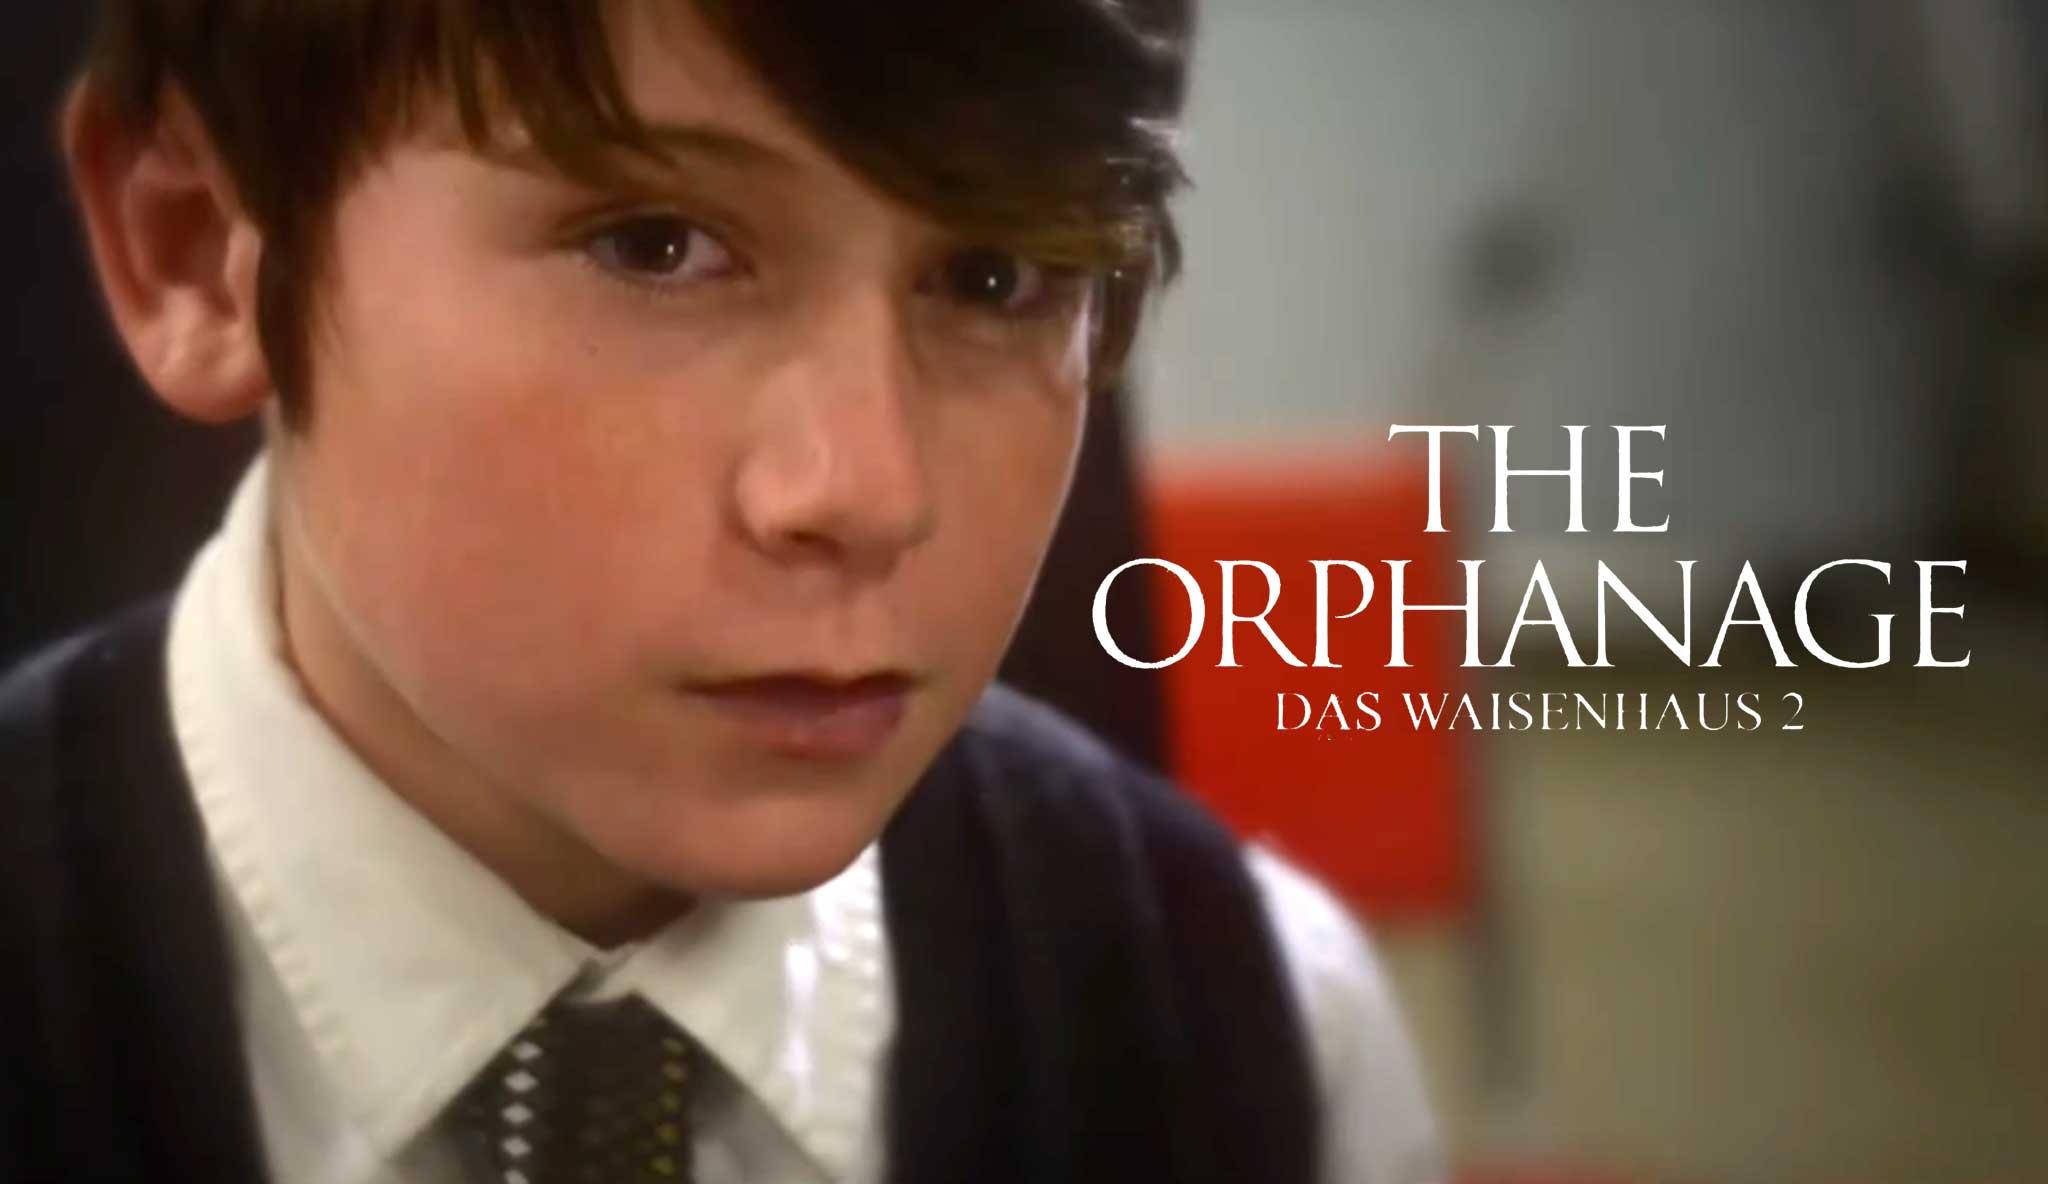 the-orphanage-das-waisenhaus-2\header.jpg